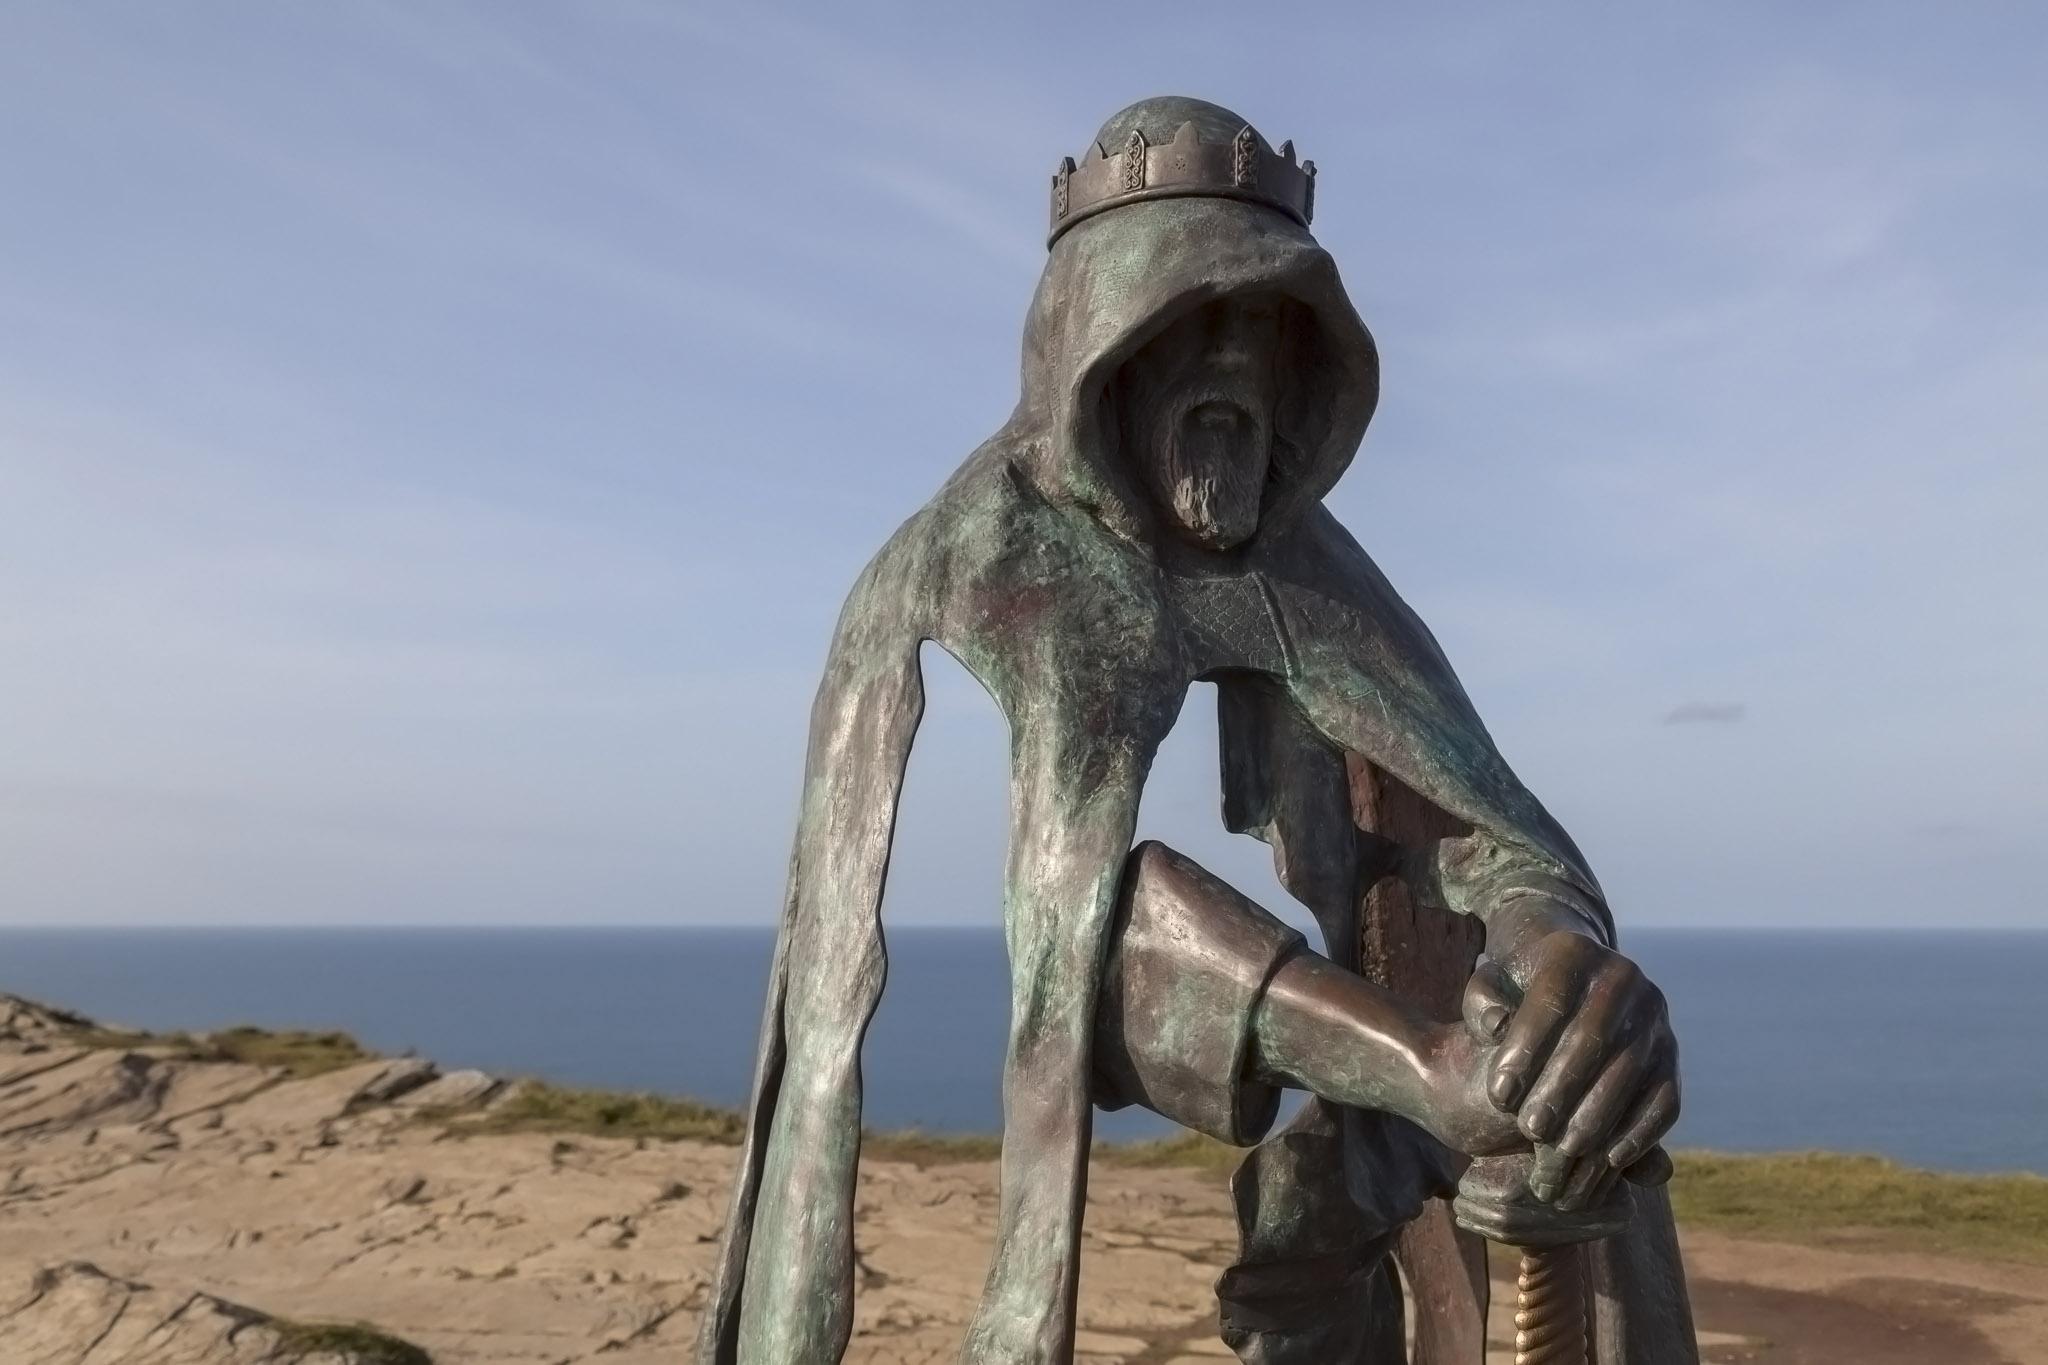 King Arthur Sculpture